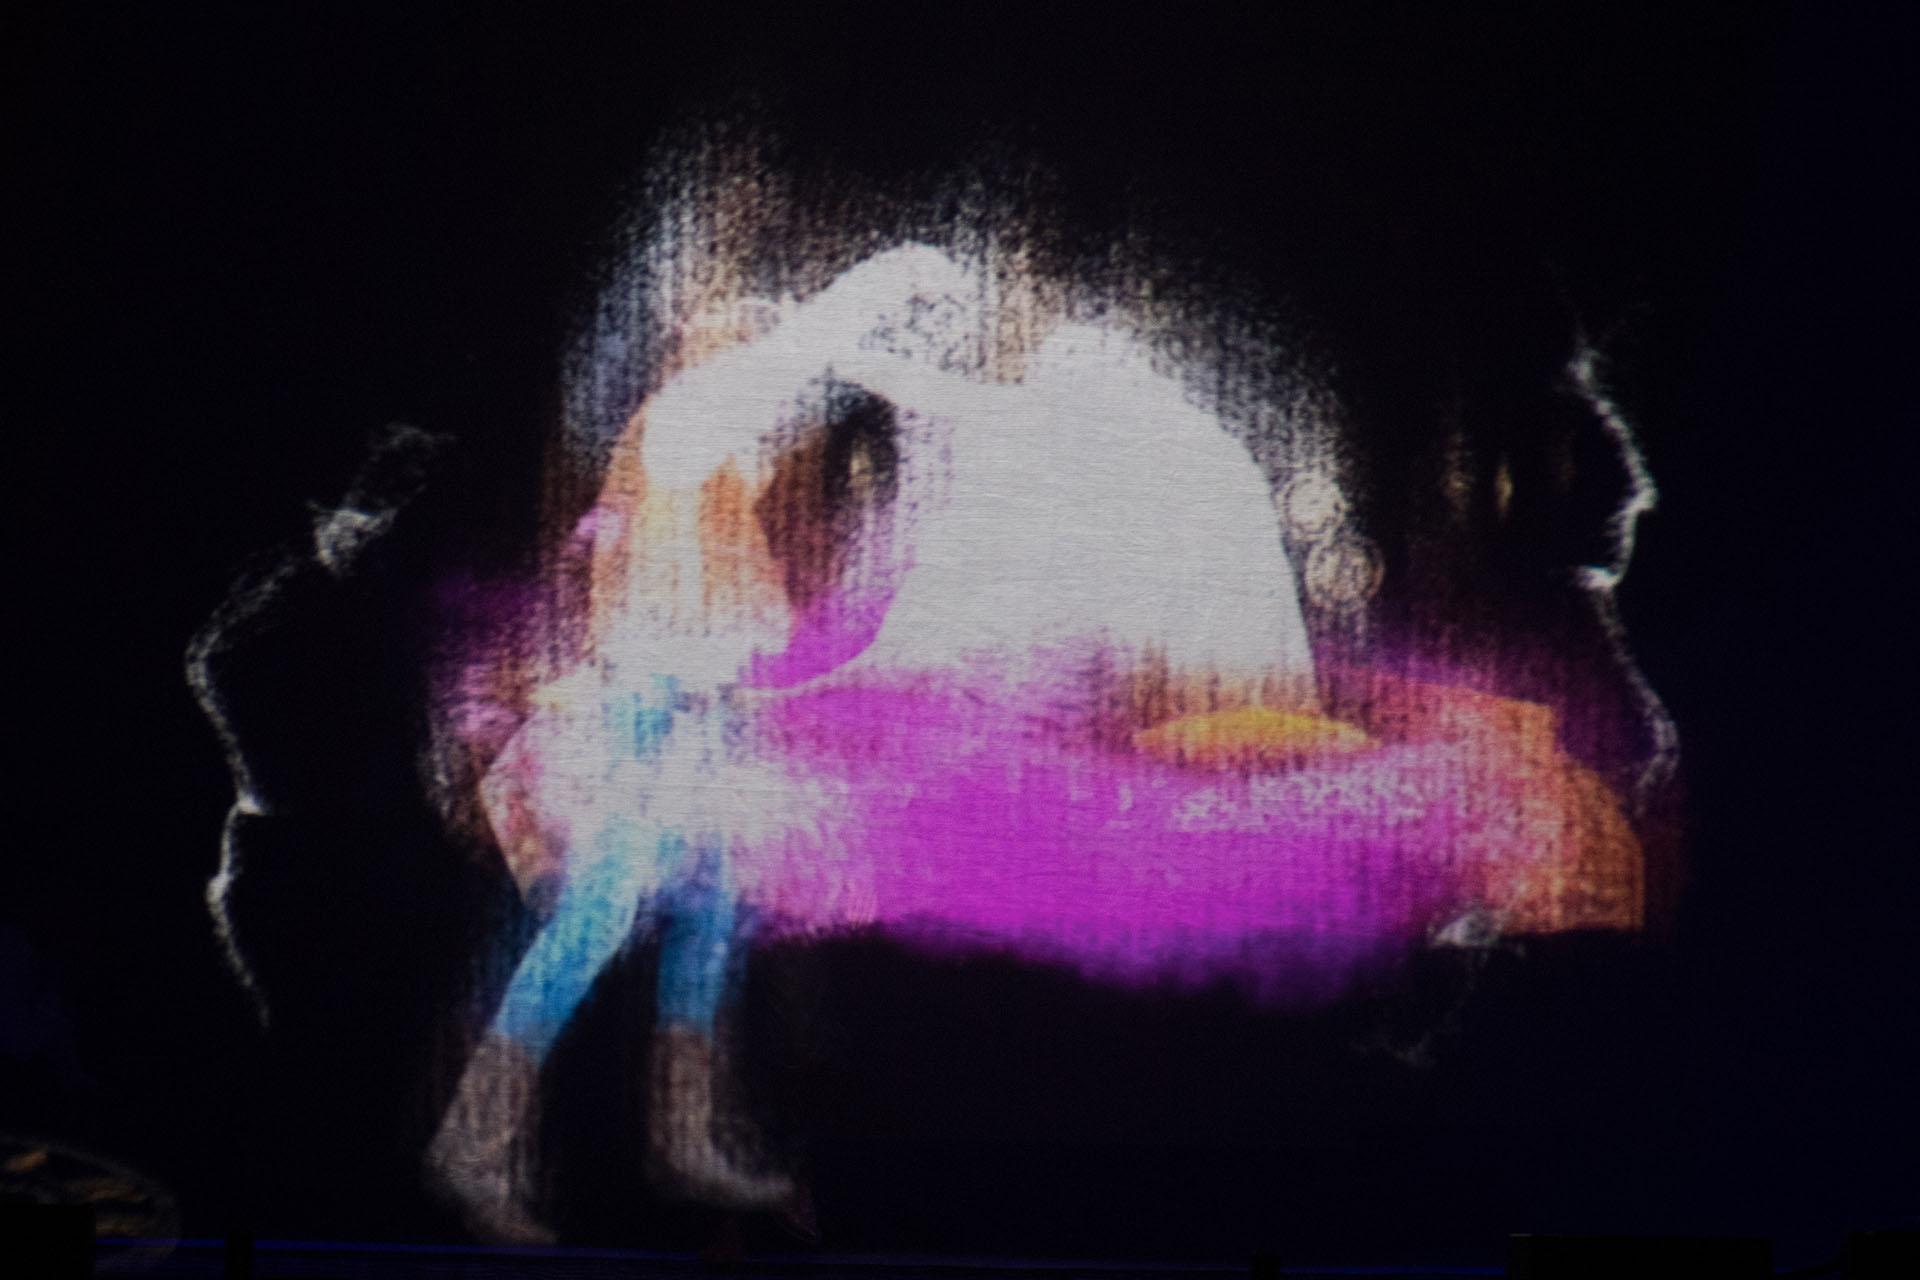 Los hologramas, fuegos artificiales y juegos de luces impactaron a los invitados en la fiesta Far West